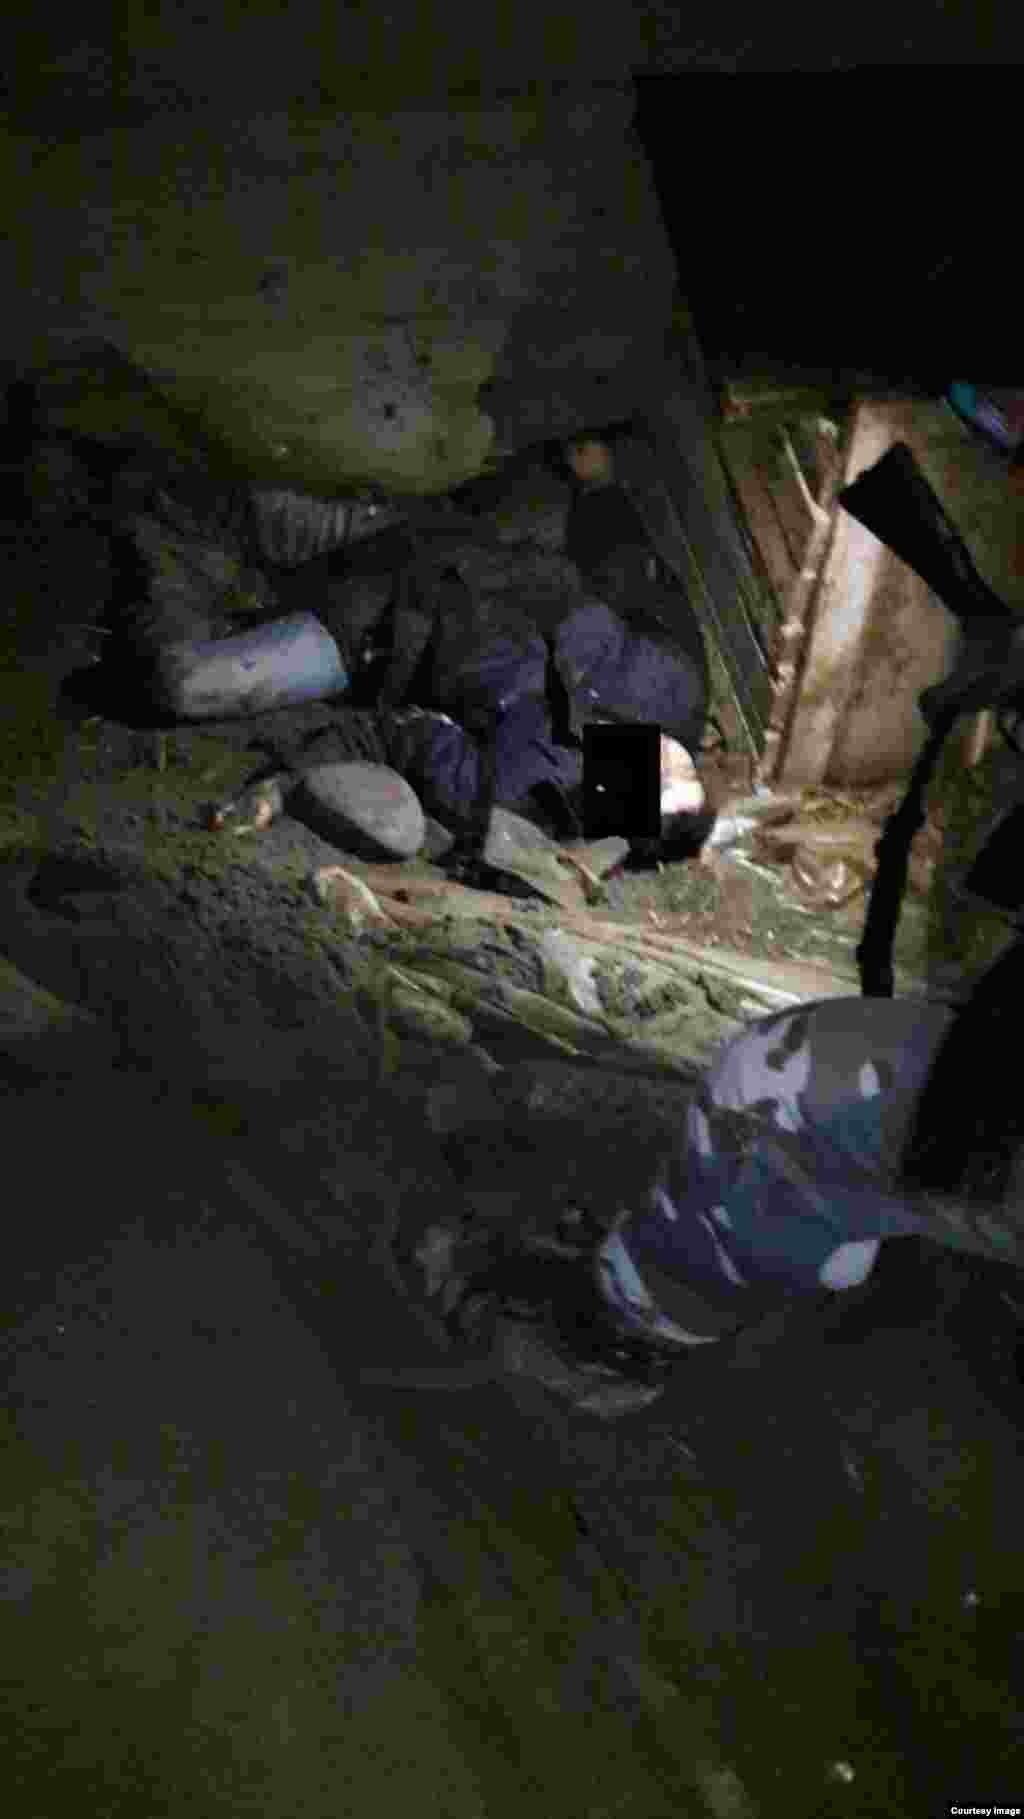 В среду пополуднив перестрелке между селами Курчалой и Гельдыген были убиты неизвестные